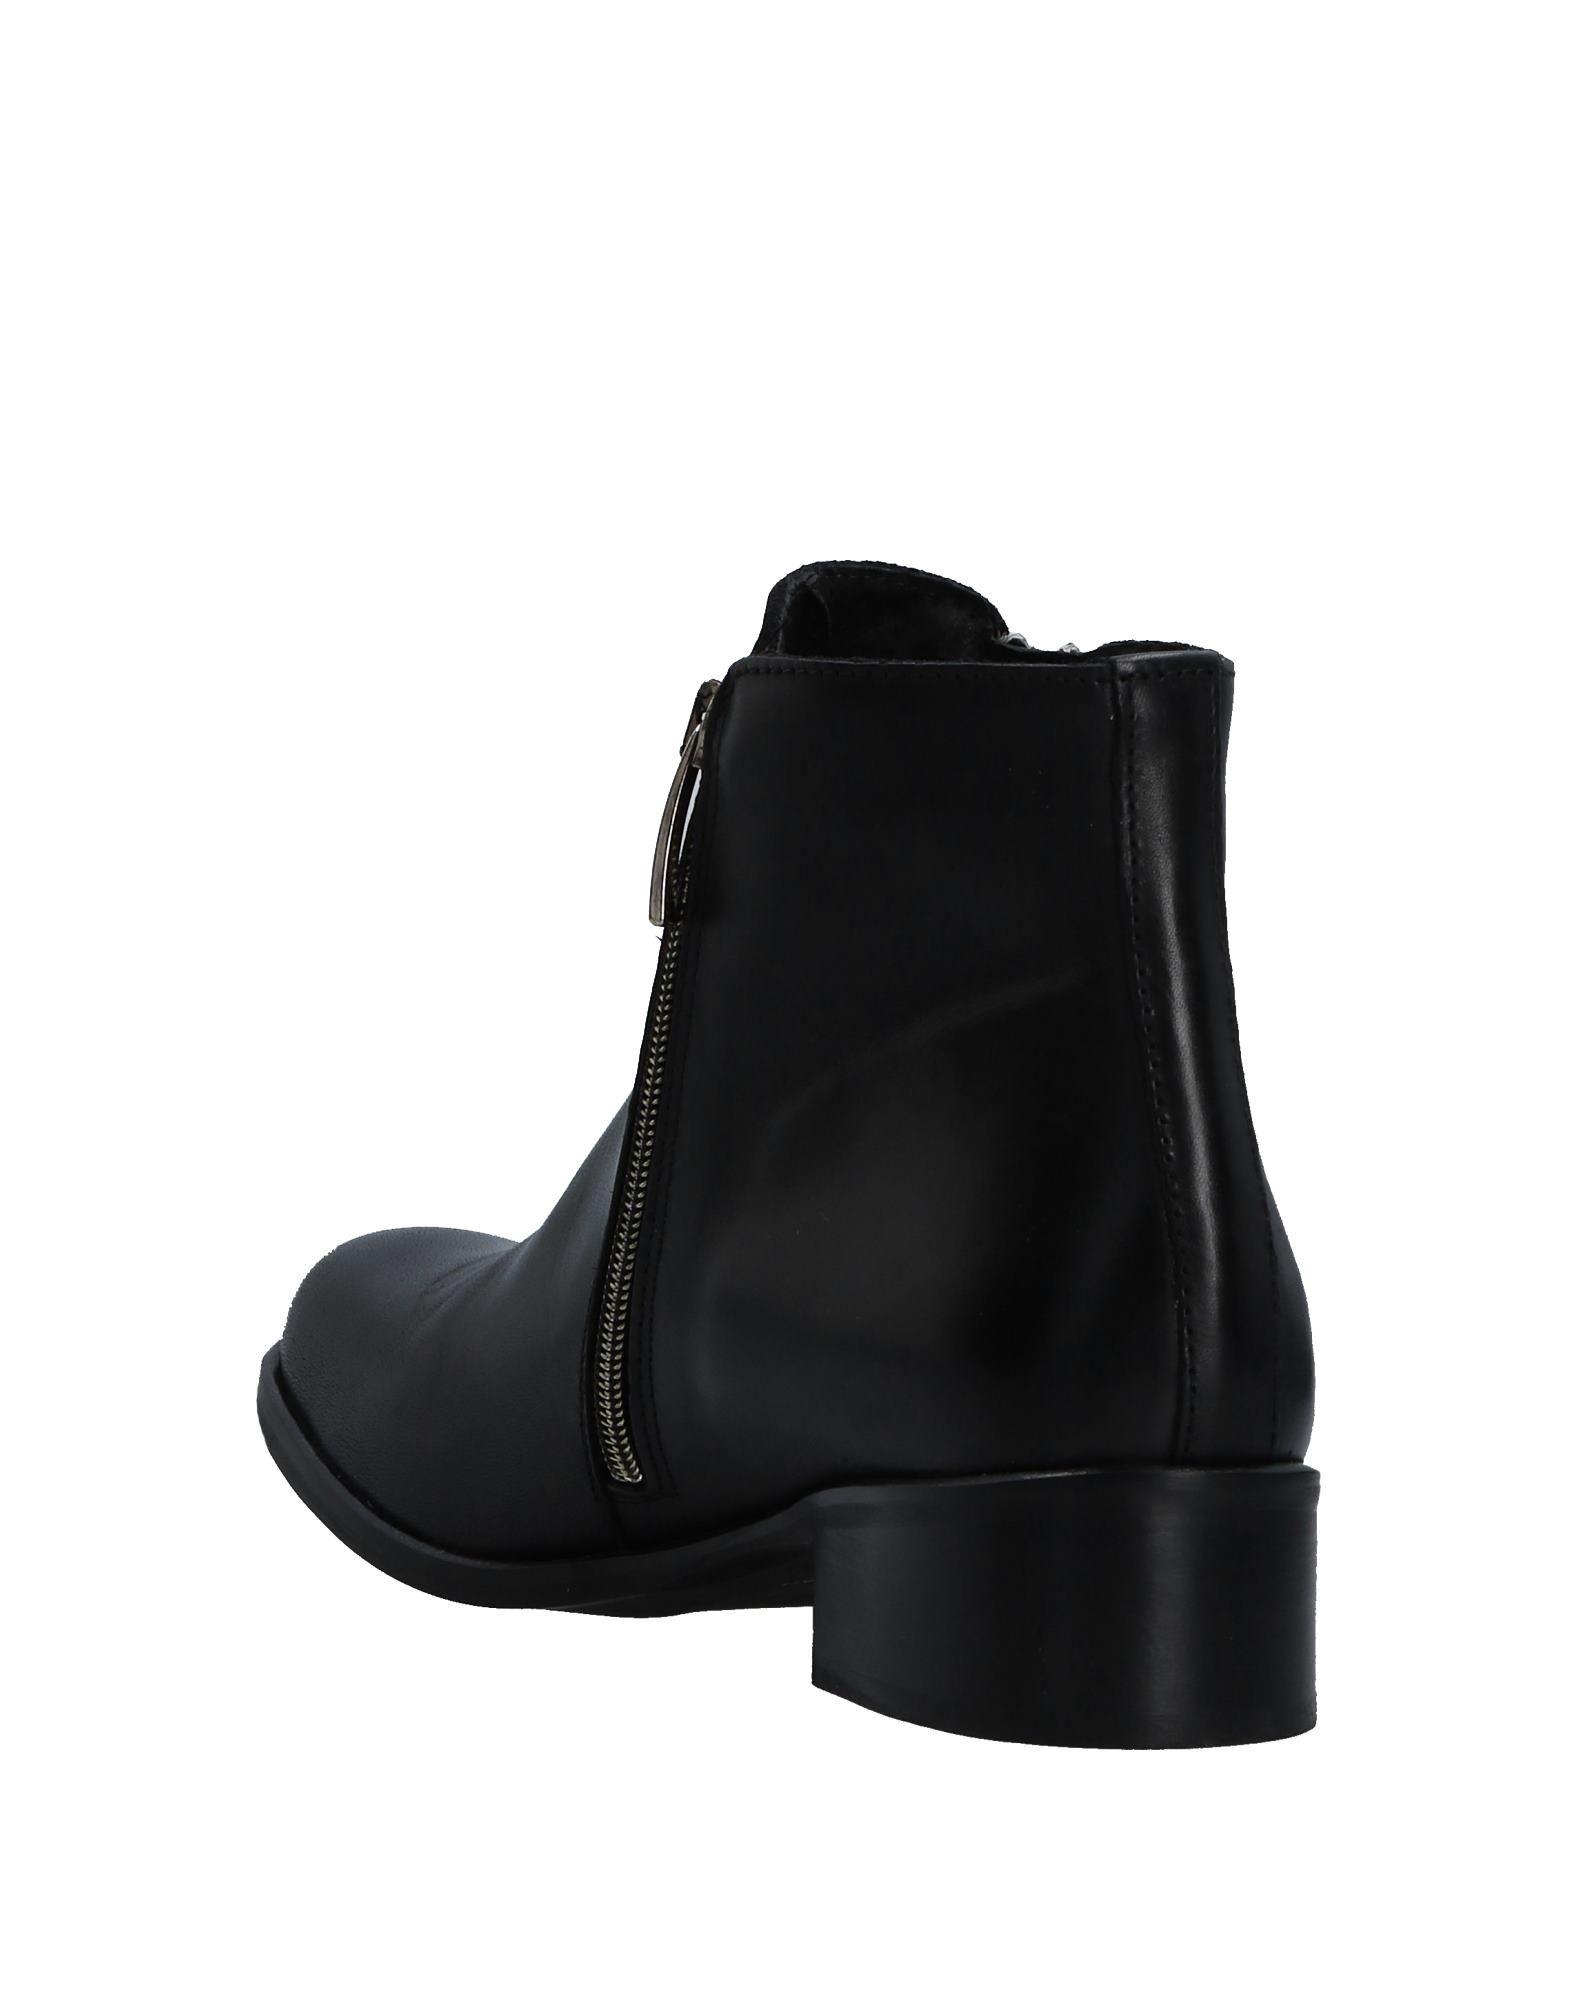 Stelle  Monelle® Stiefelette Damen  Stelle 11523099EA Gute Qualität beliebte Schuhe f90c01